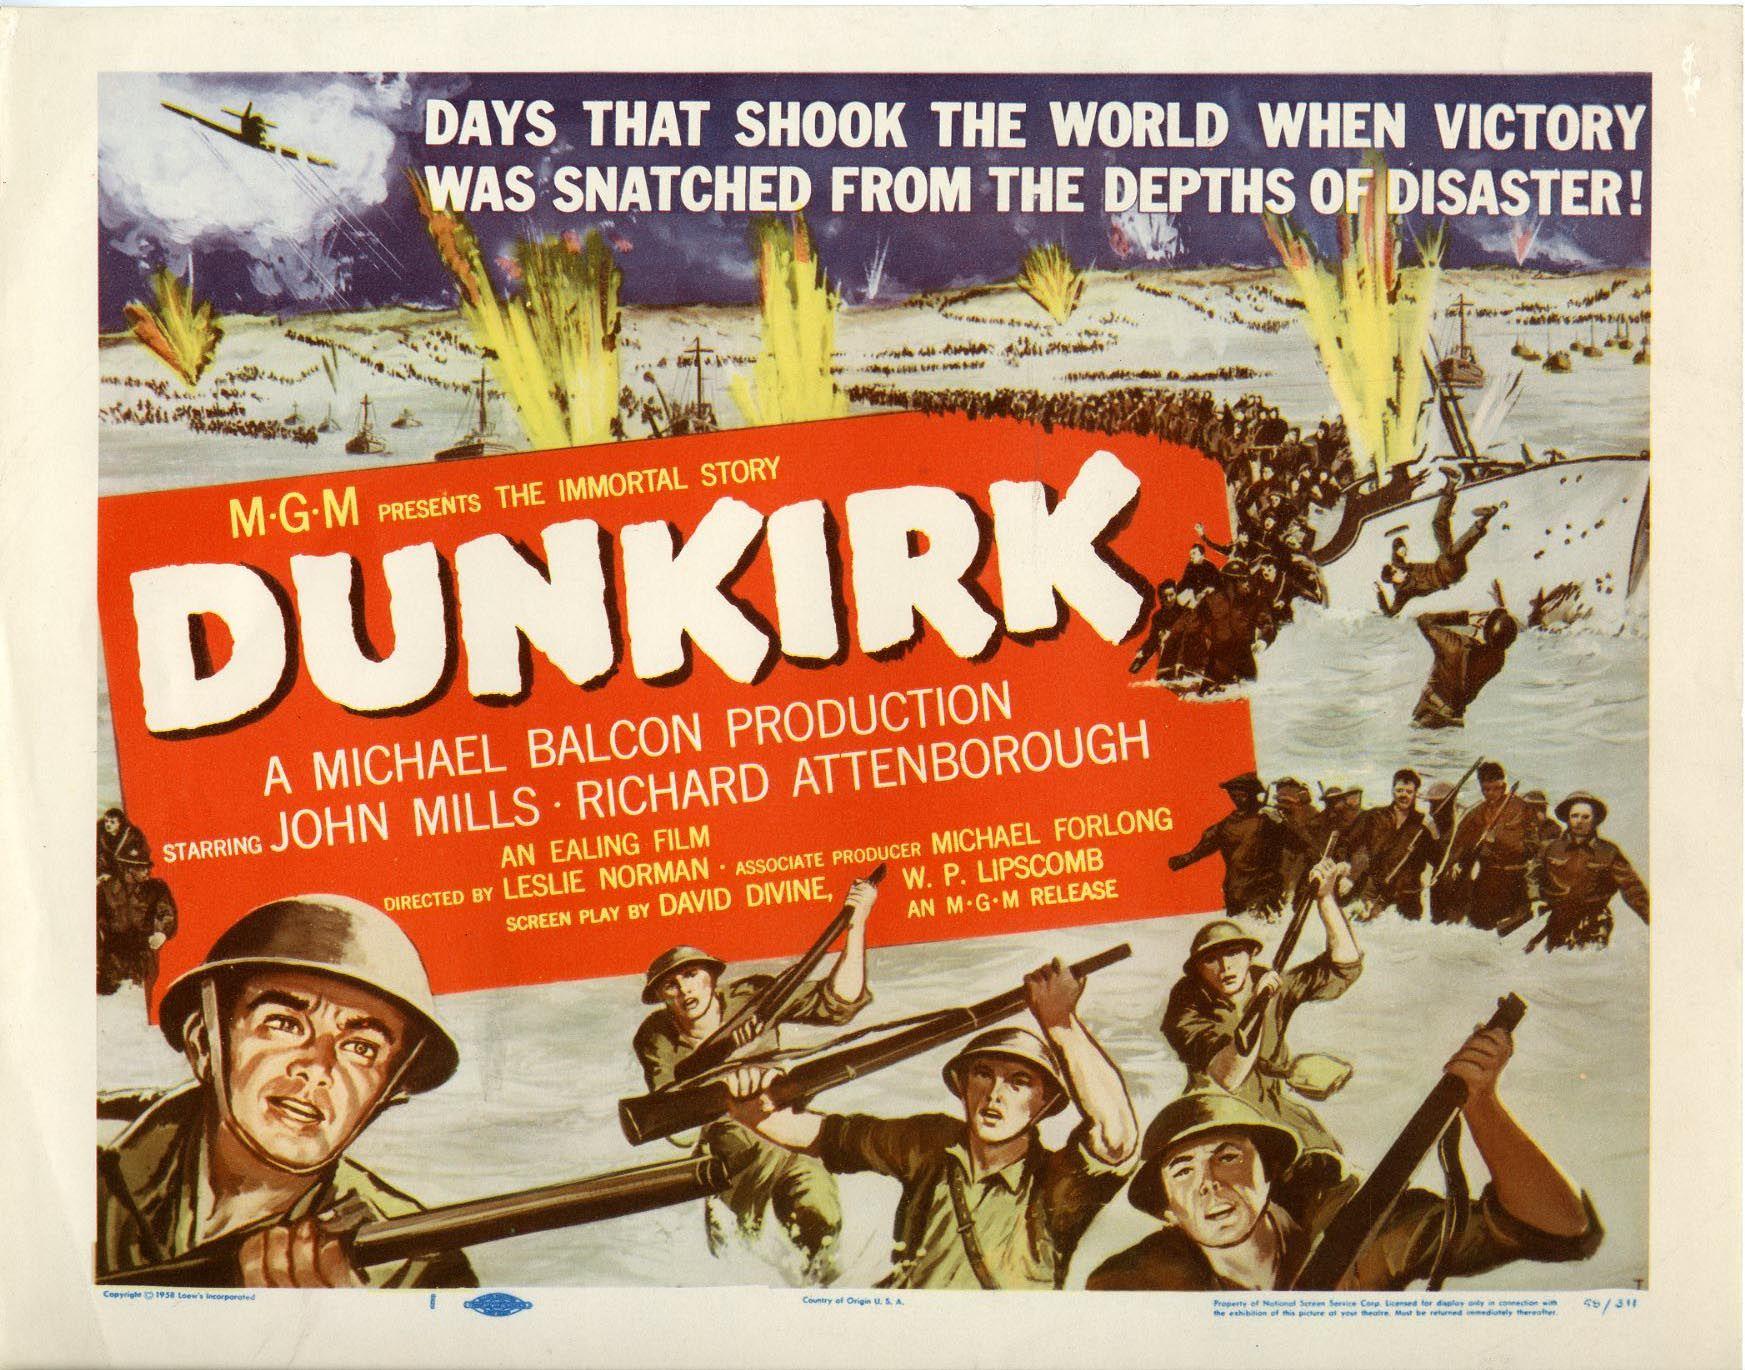 Dunkirk |1958 | Dunkirk, Richard attenborough, Dunkirk movie